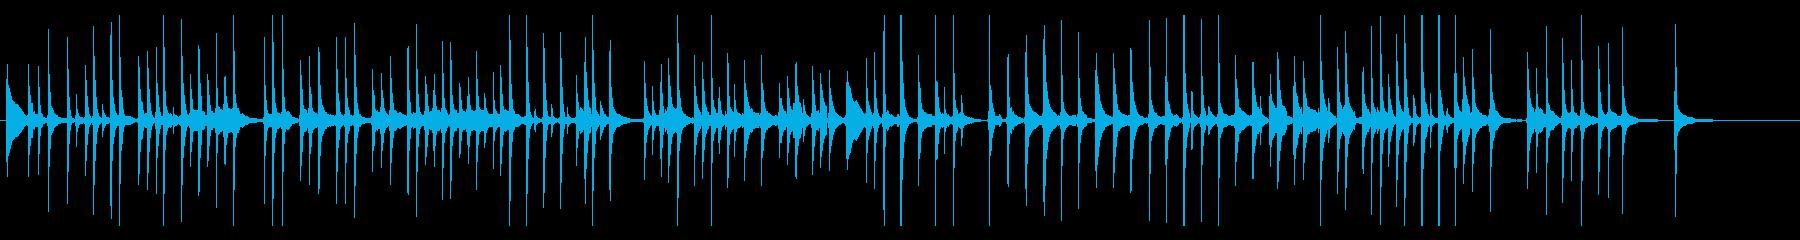 三味線224廓丹前2和風エロ湯女サウナ賑の再生済みの波形